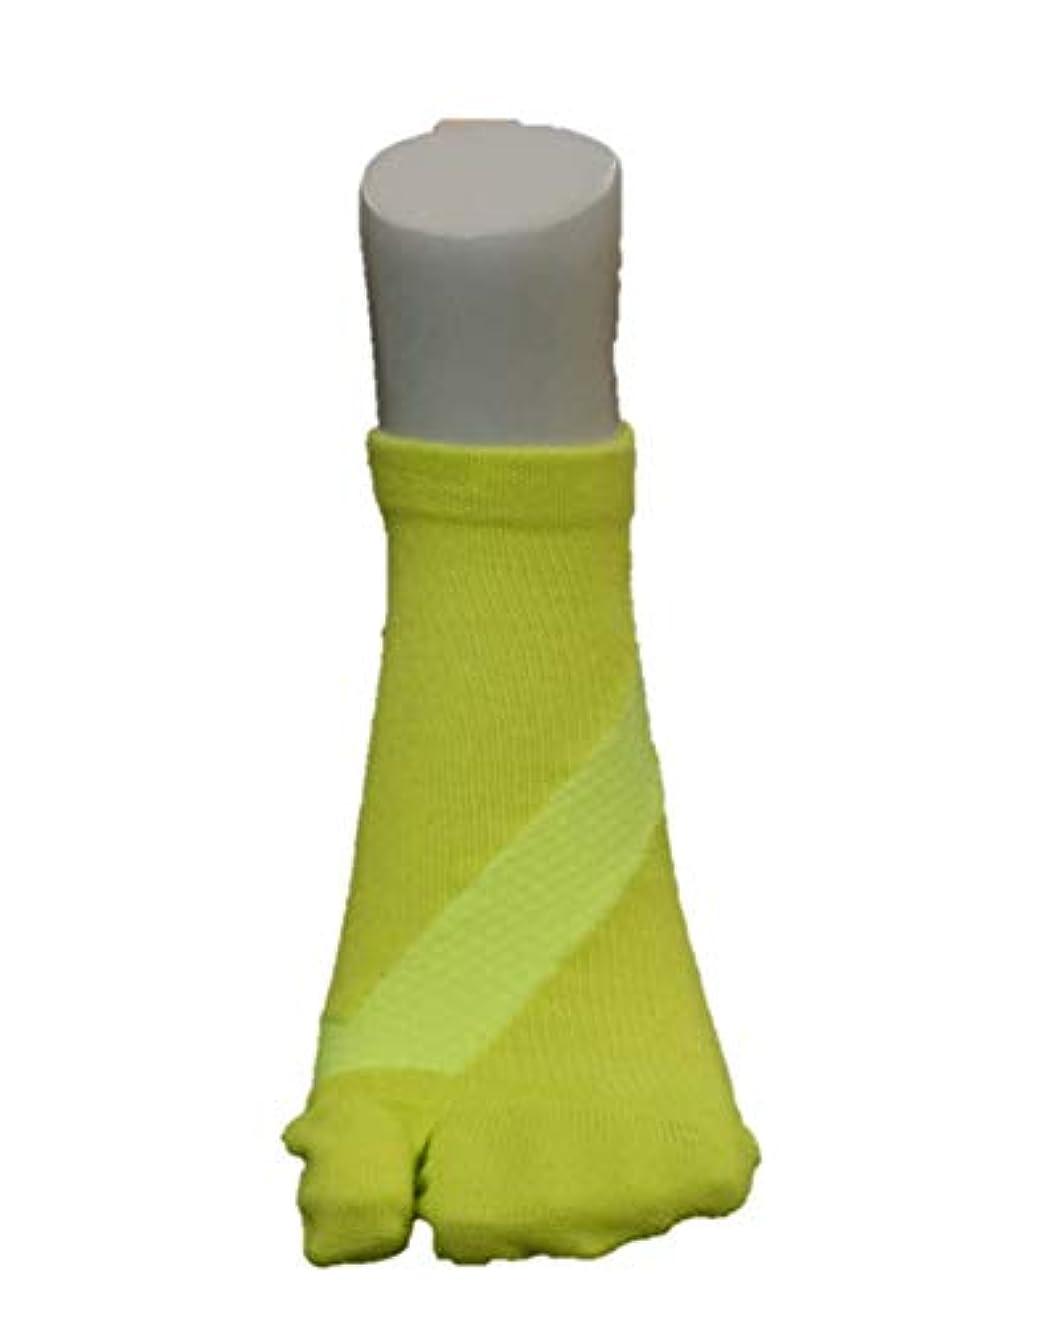 マルコポーロ疲労コマンドさとう式 フレクサーソックス アンクル 黄色 (S 22-24)